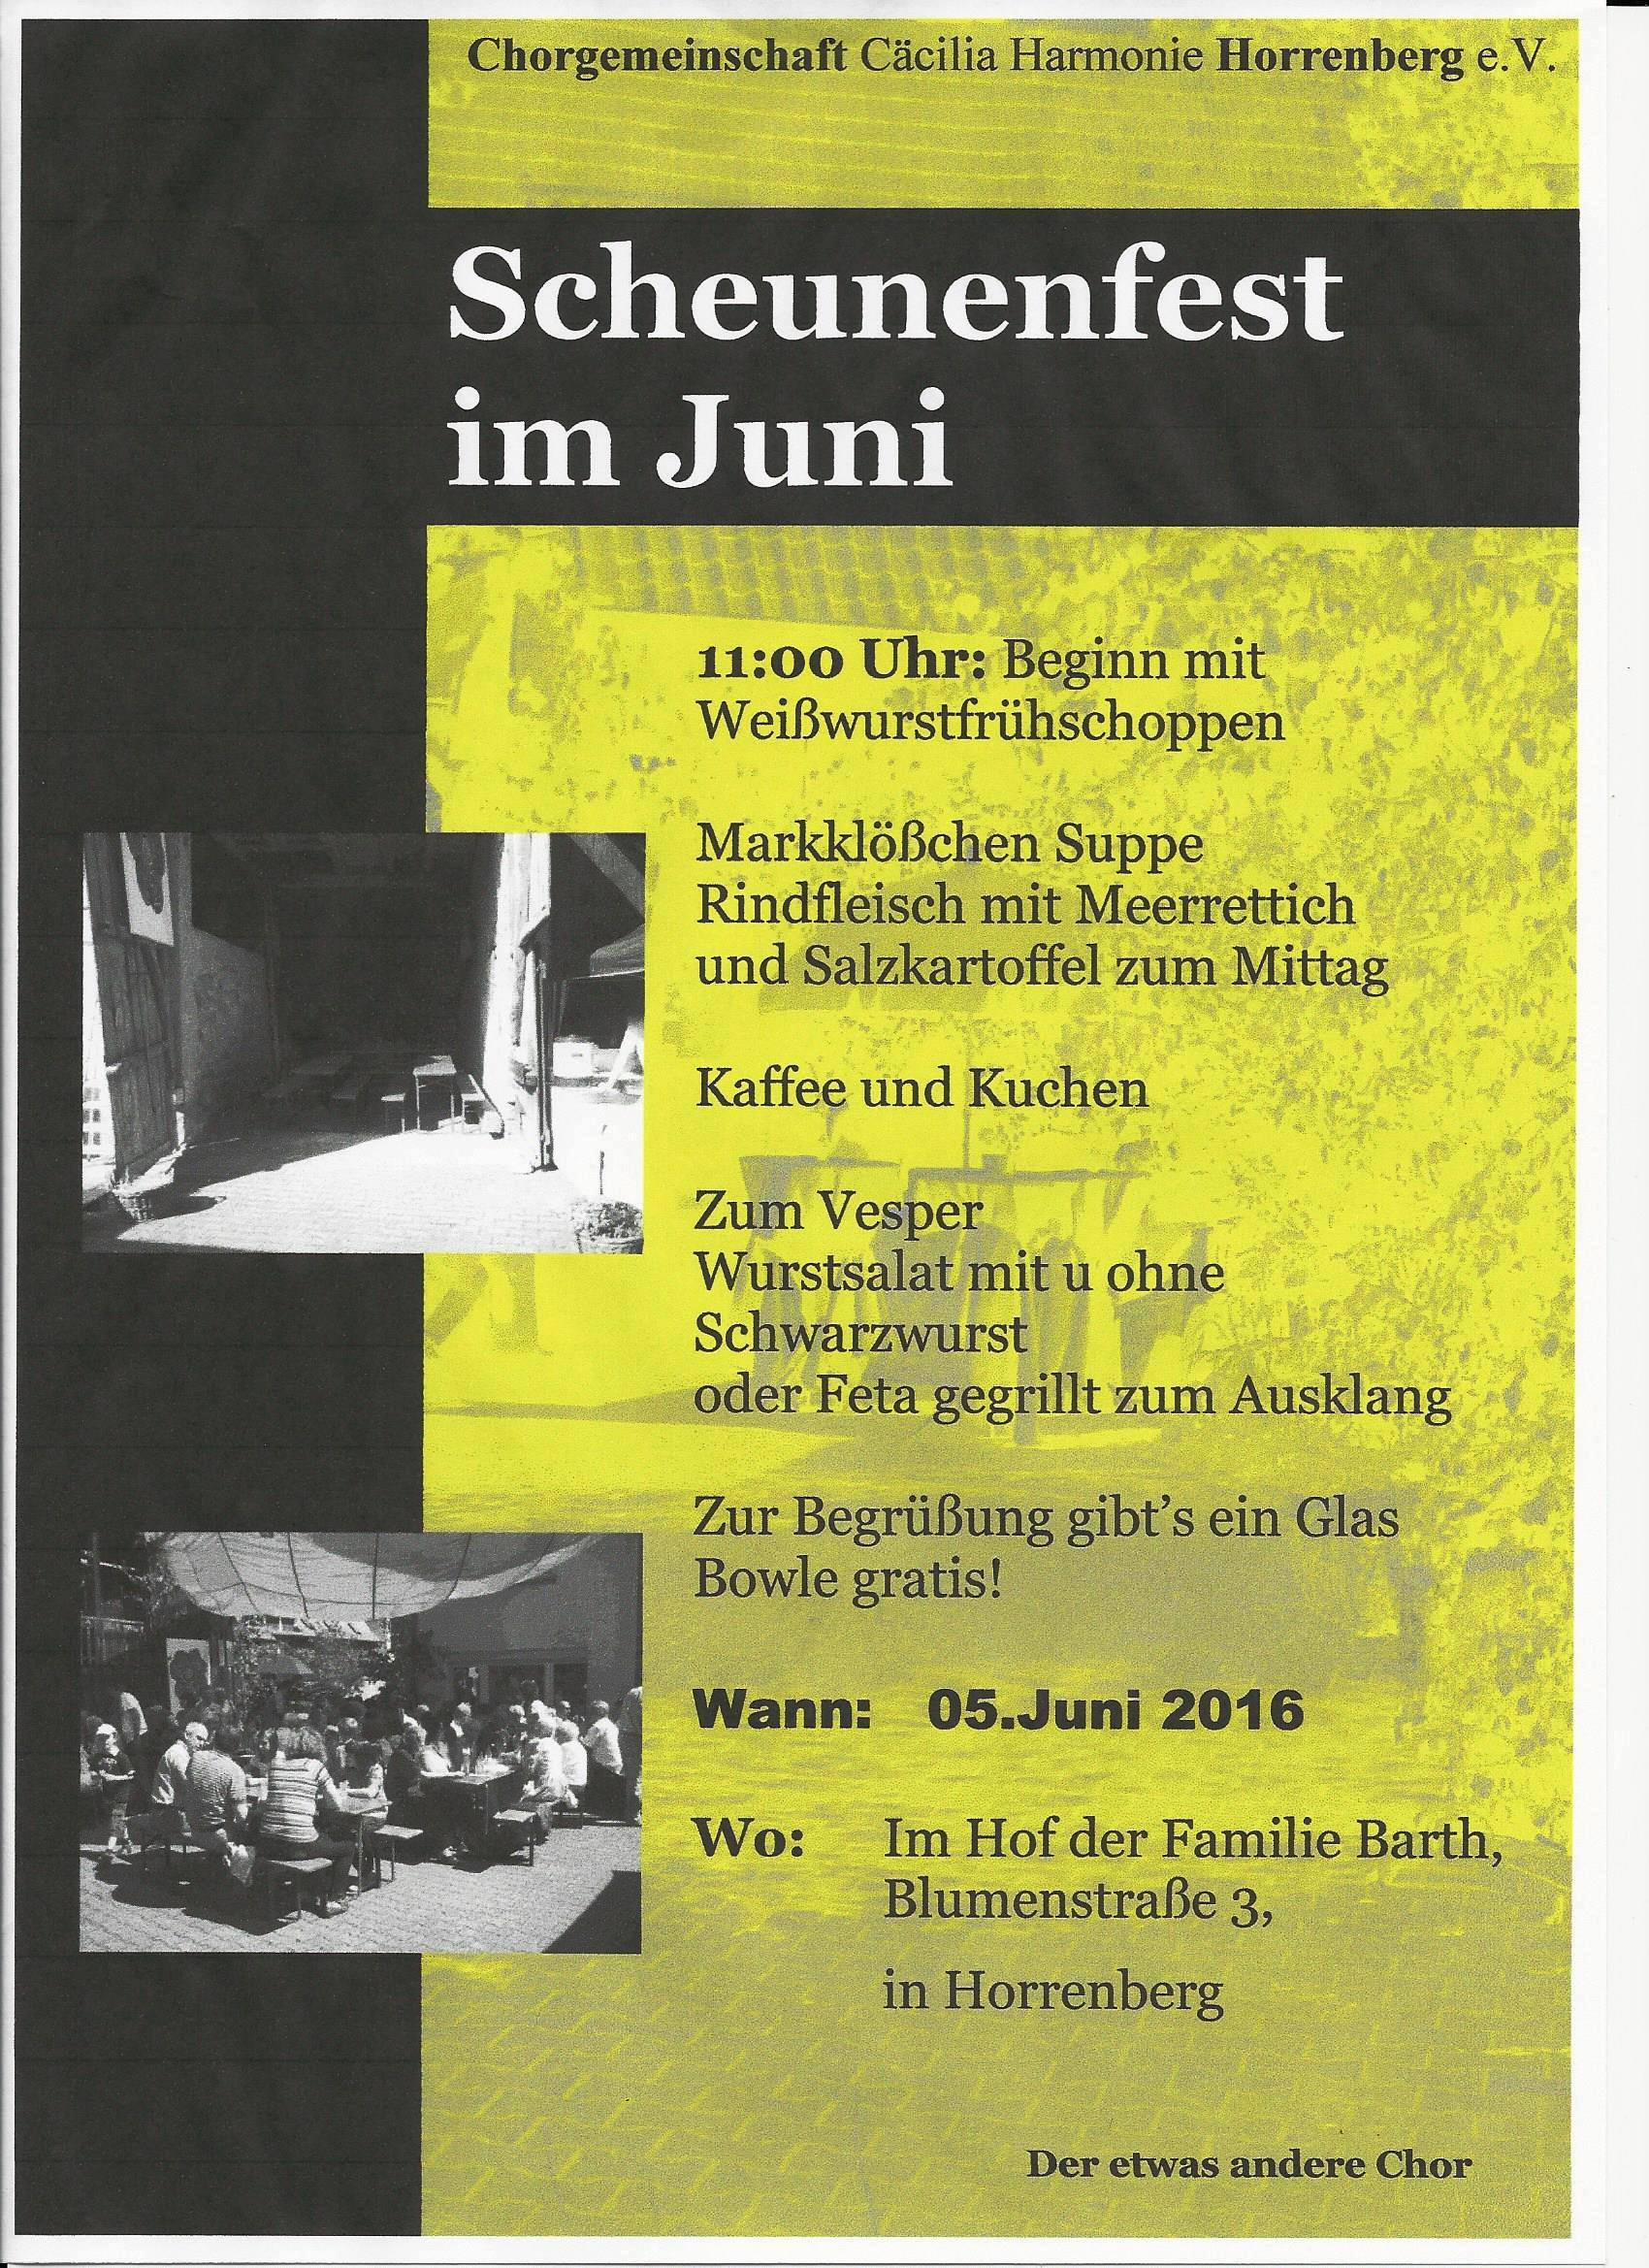 Scheunenfest Plakat in JPEG